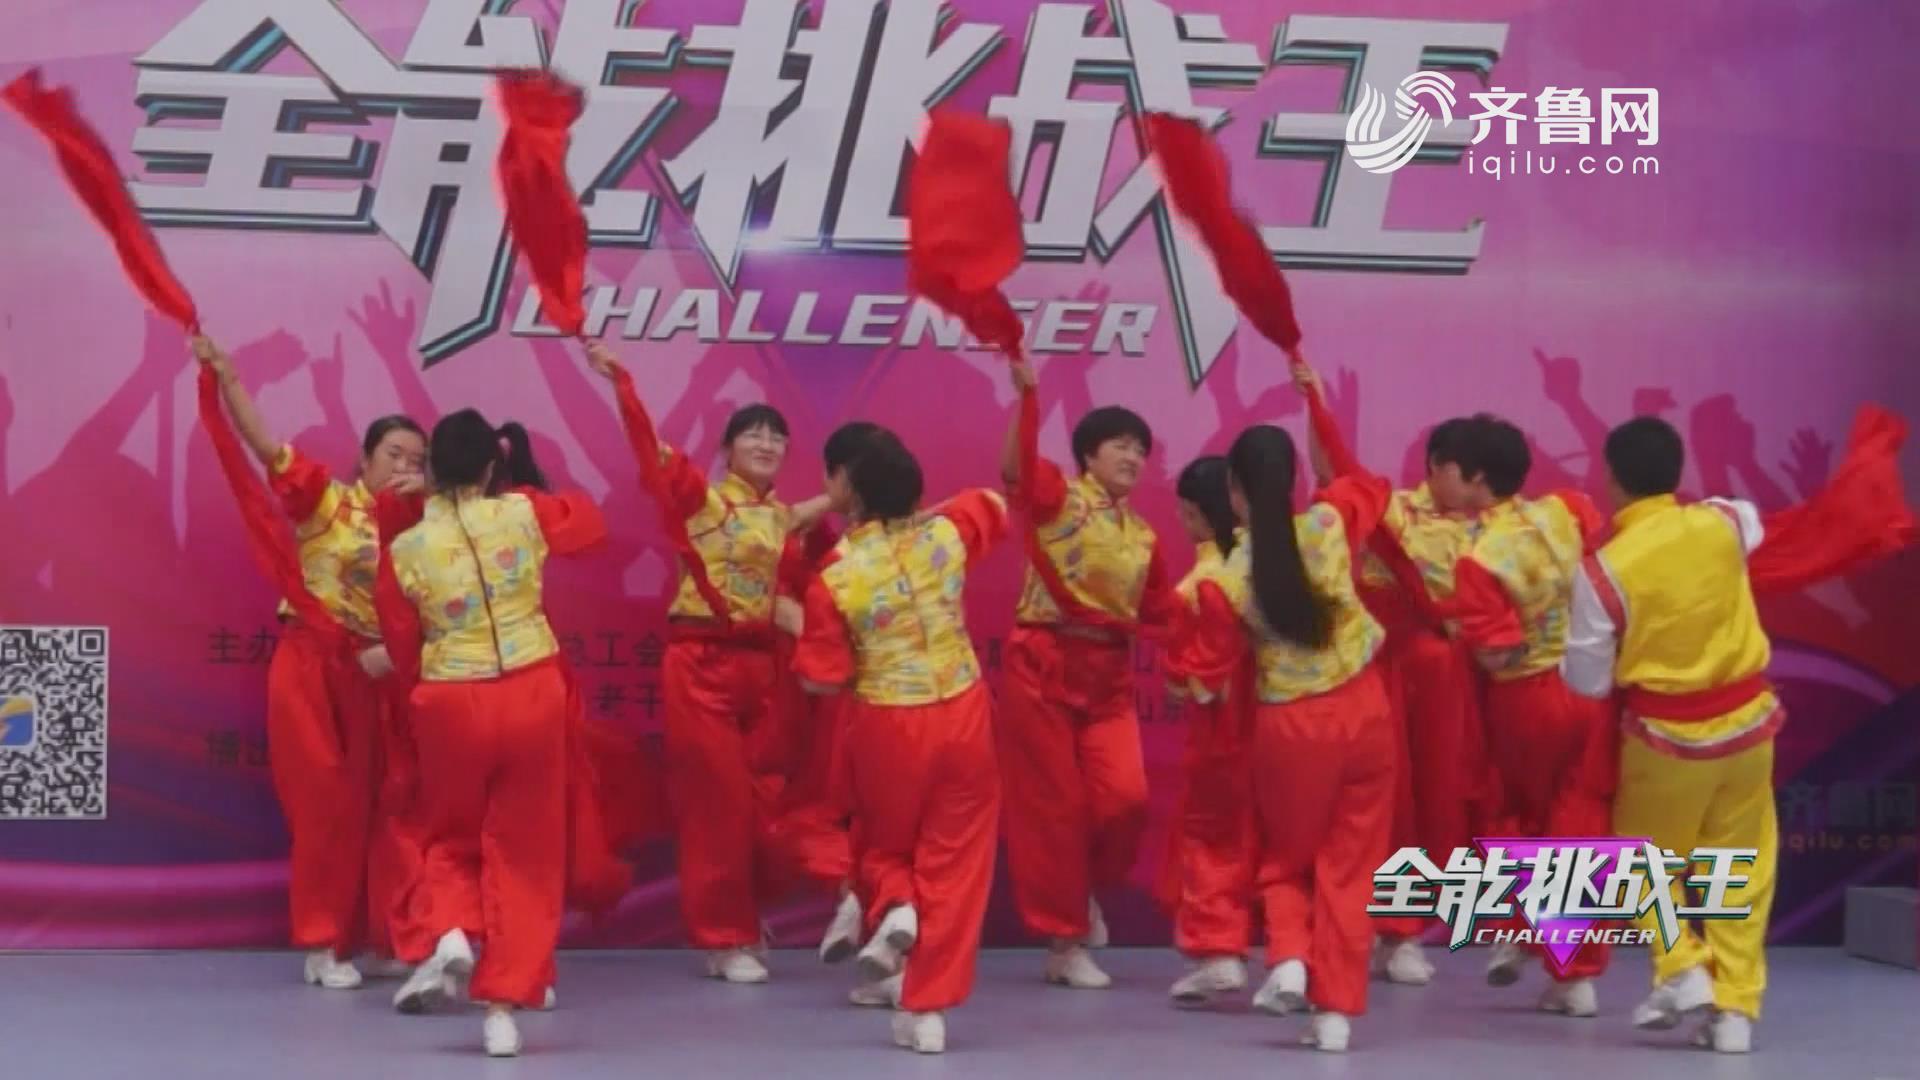 《全能挑战王》菏泽随官屯阿立舞蹈队表演《山丹丹花开红艳艳》